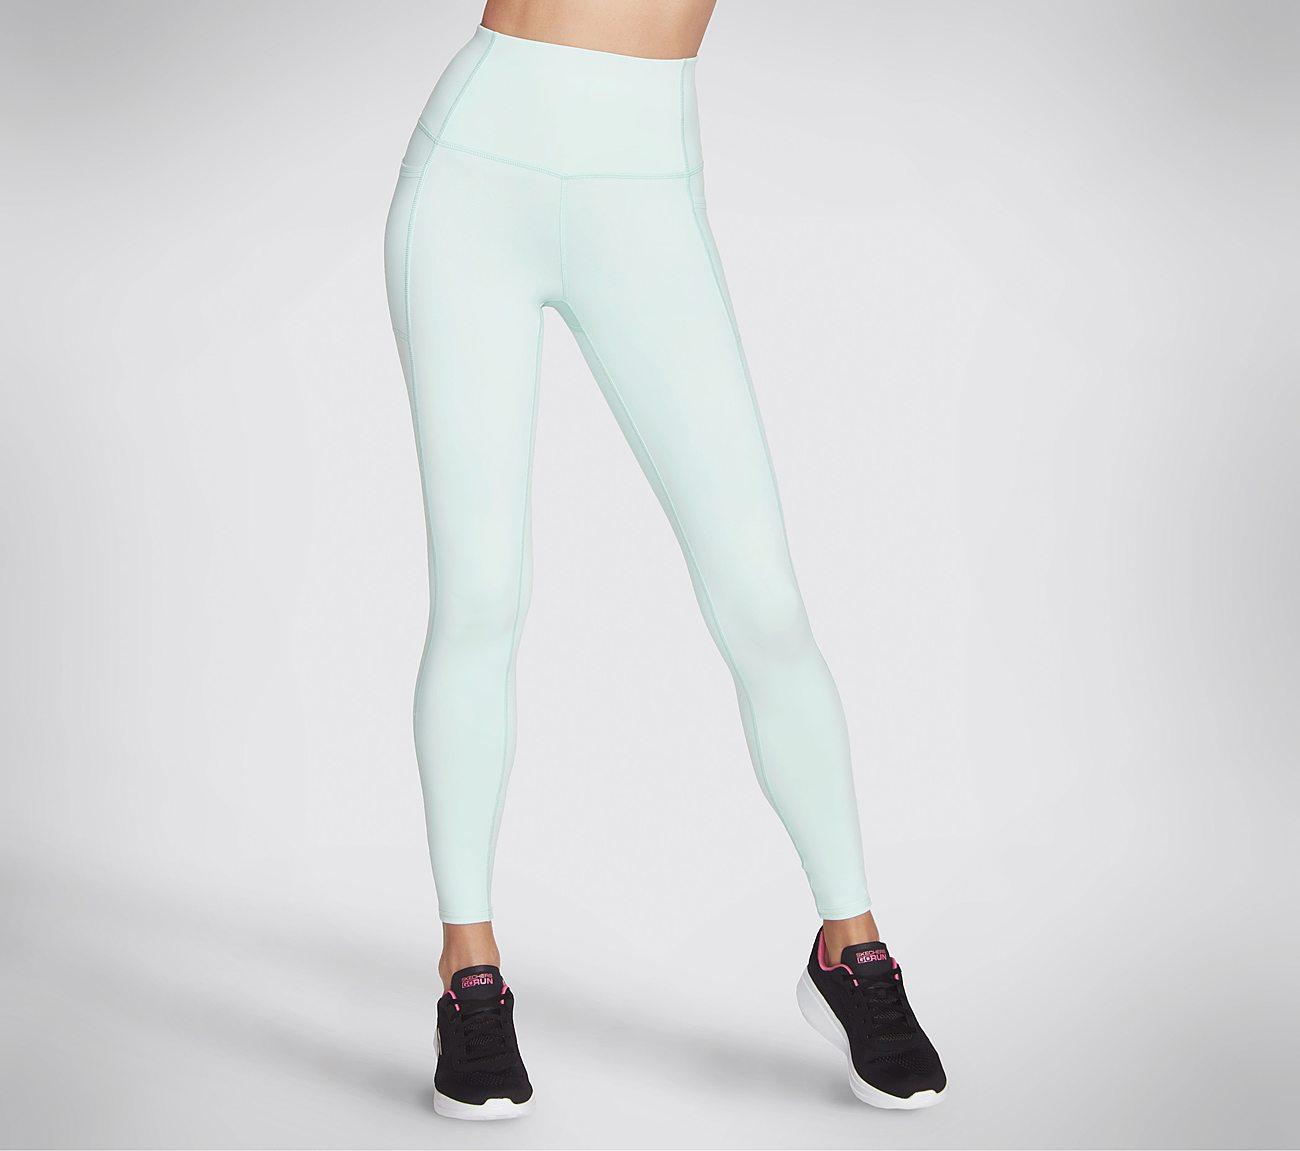 skechers performance leggings